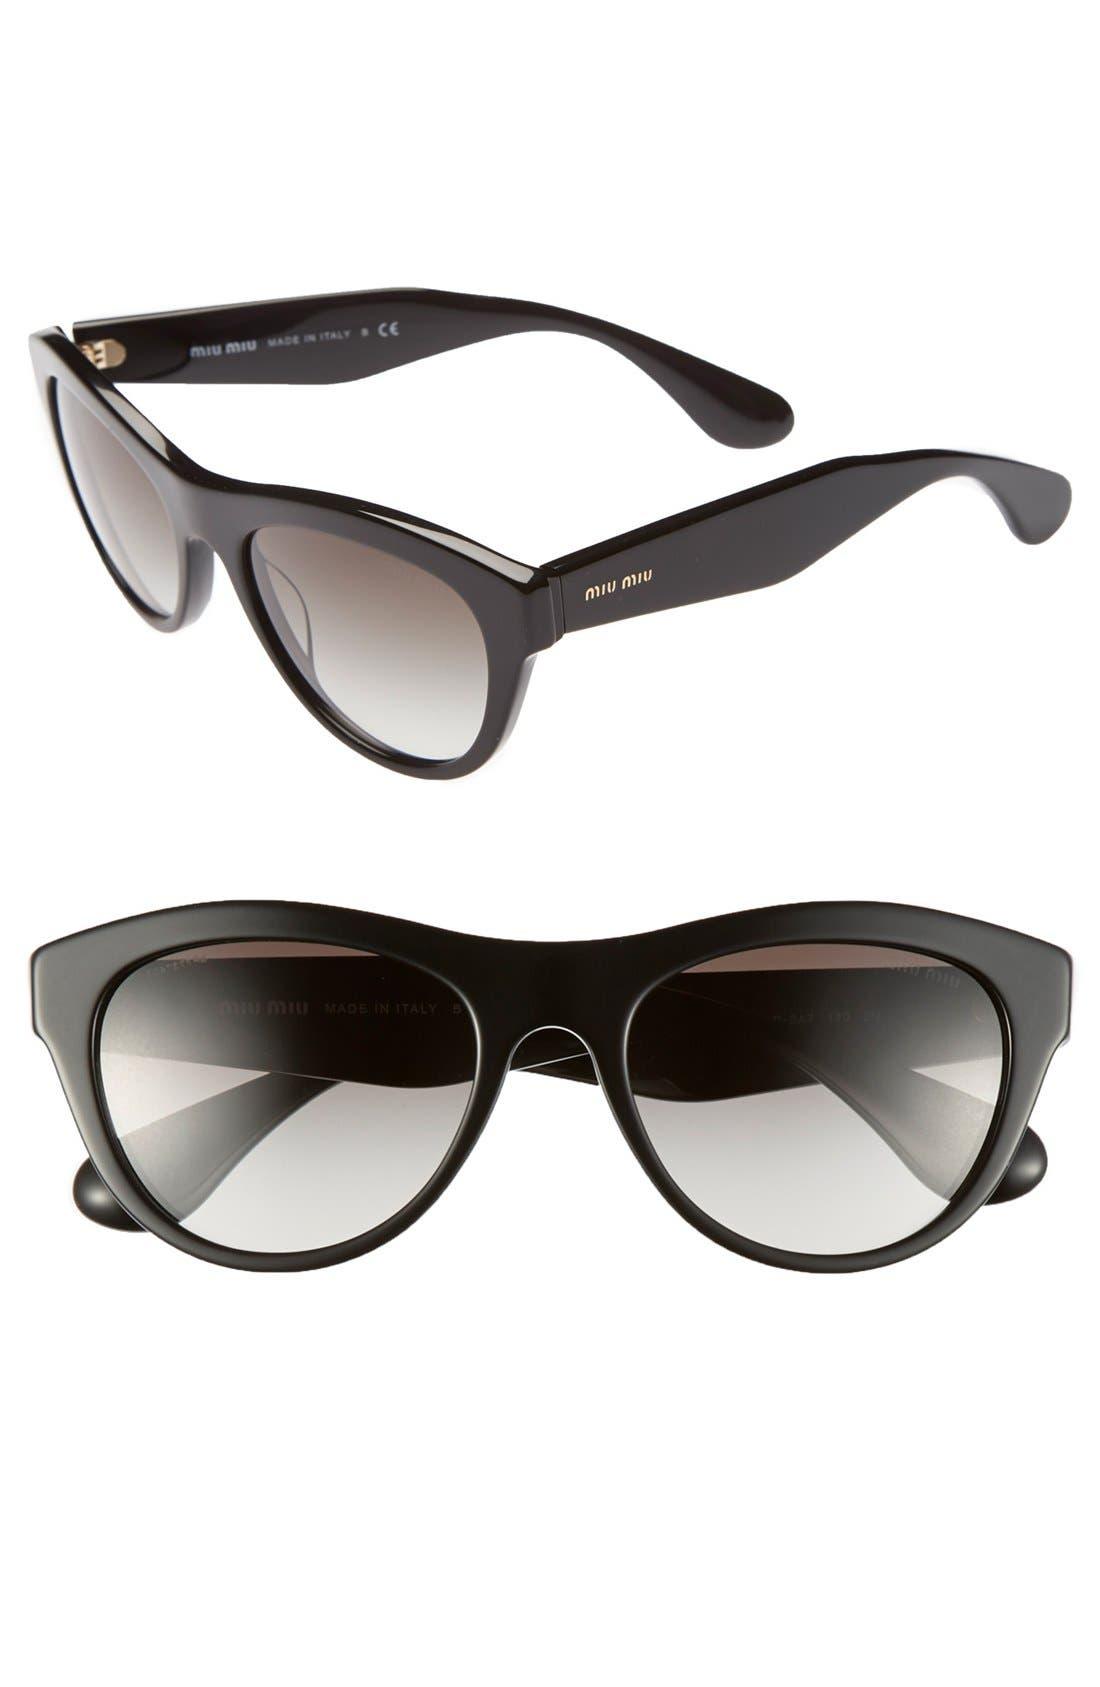 Alternate Image 1 Selected - Miu Miu 54mm Cat Eye Sunglasses